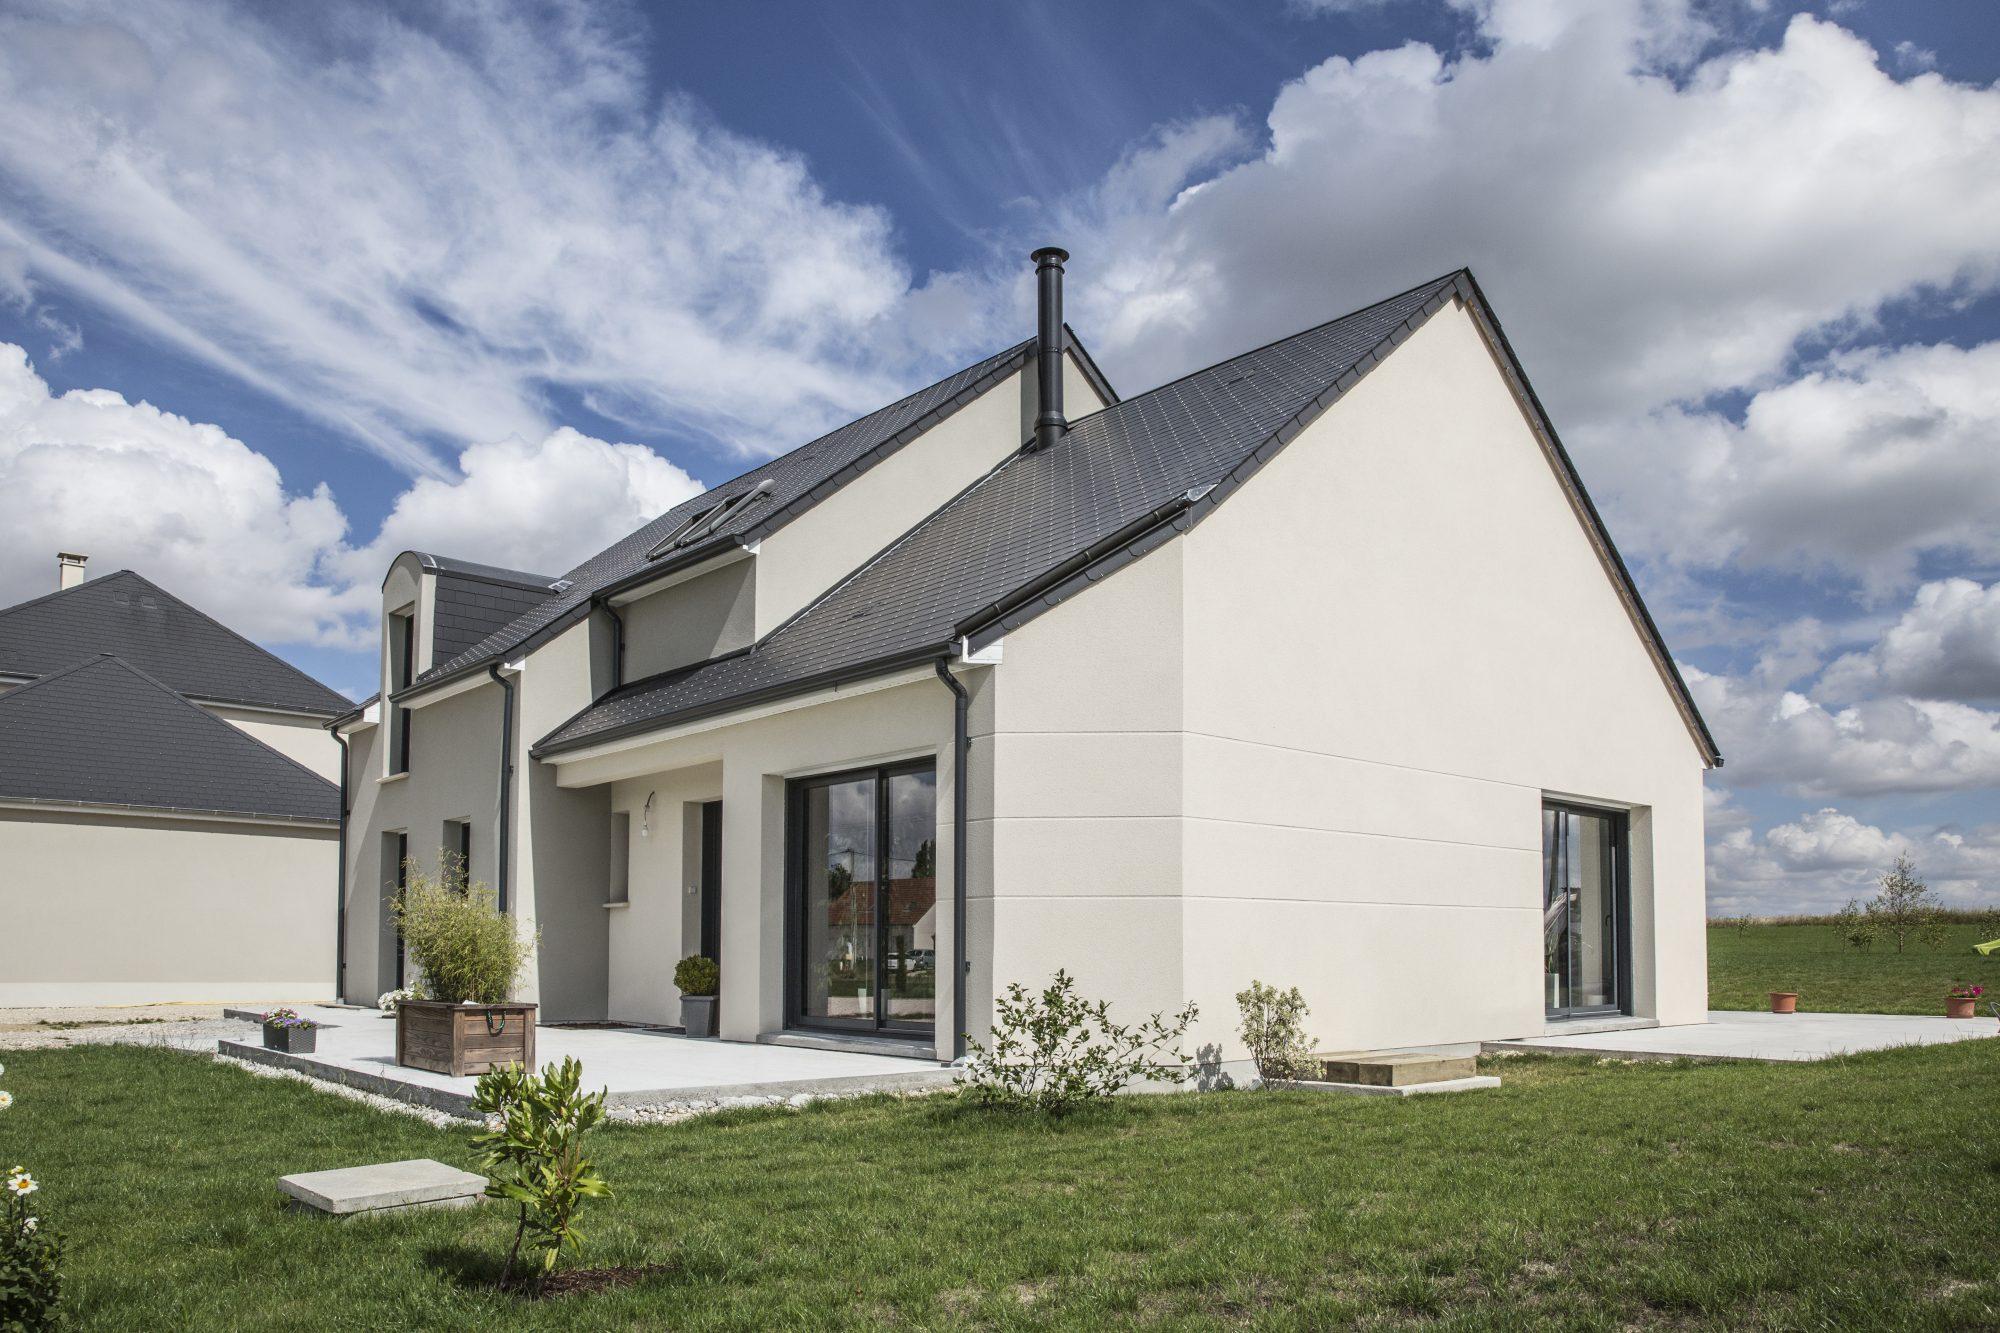 maisons ericlor constructeur agr maisons de qualit. Black Bedroom Furniture Sets. Home Design Ideas